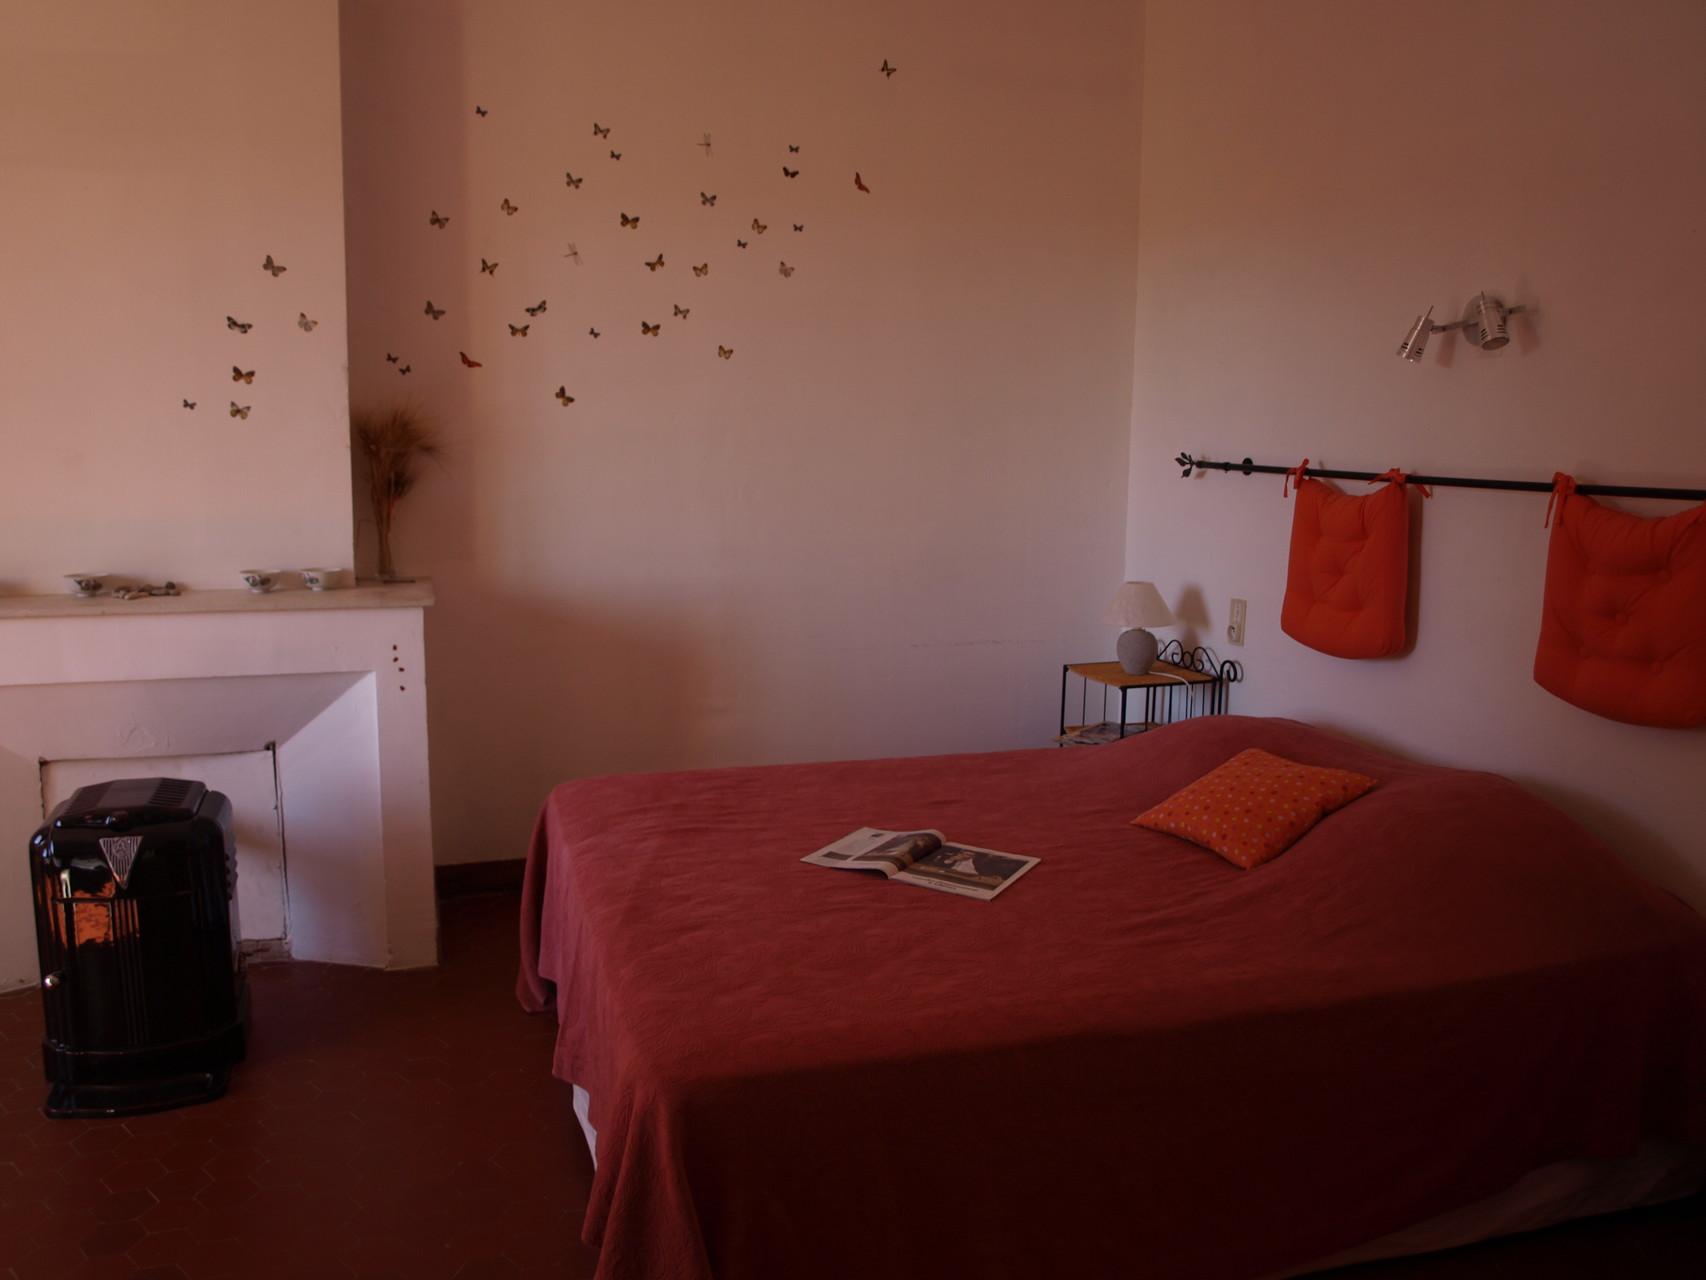 Une envolée de papillons dans la chambre orange